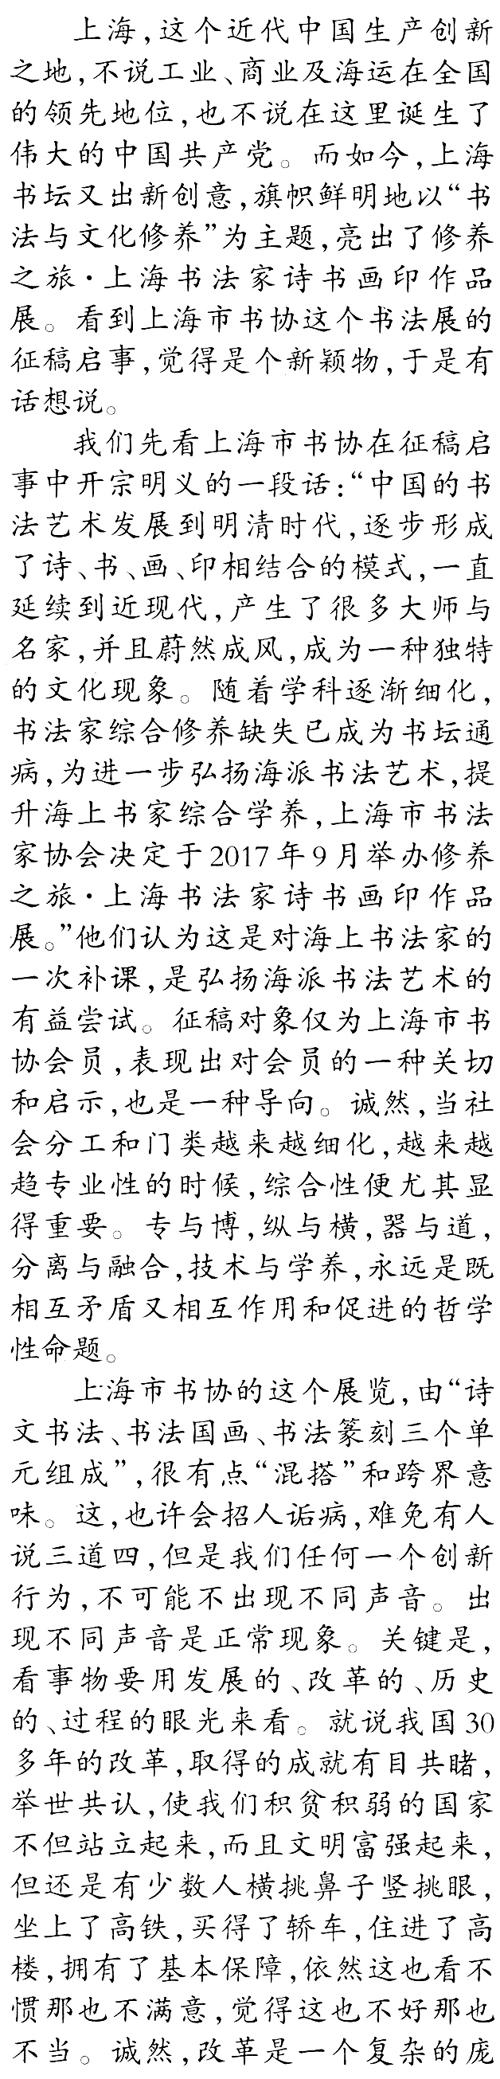 《书法报》言论 | 有感于上海(修养之旅)书法展